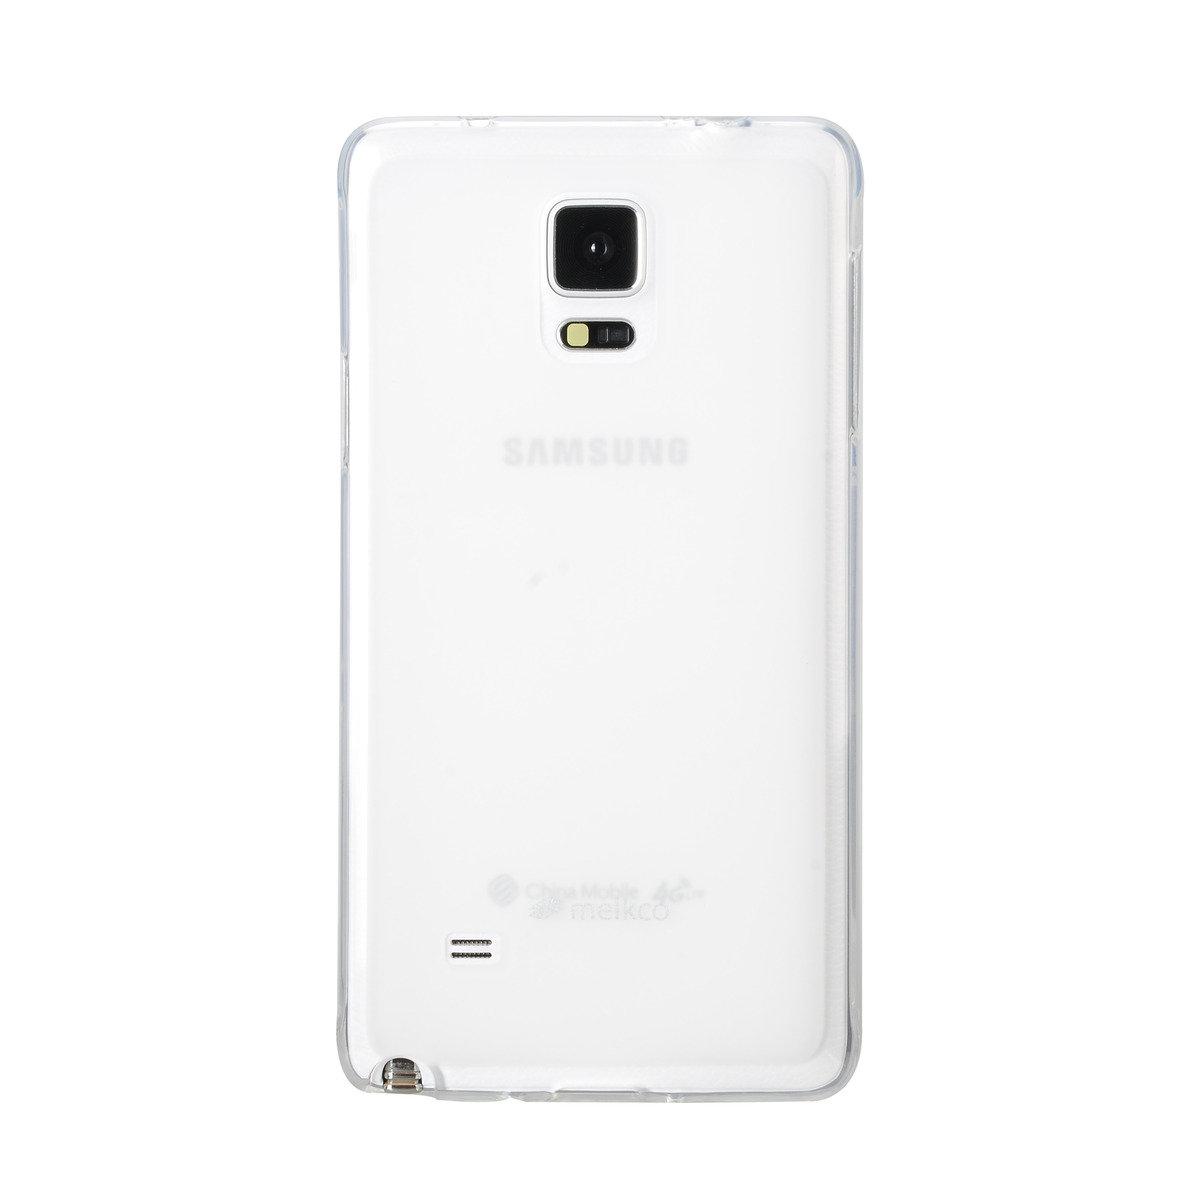 Galaxy Note 4 Poly Jacket 手機保護殼 - 透明色(附送屏幕保護貼)